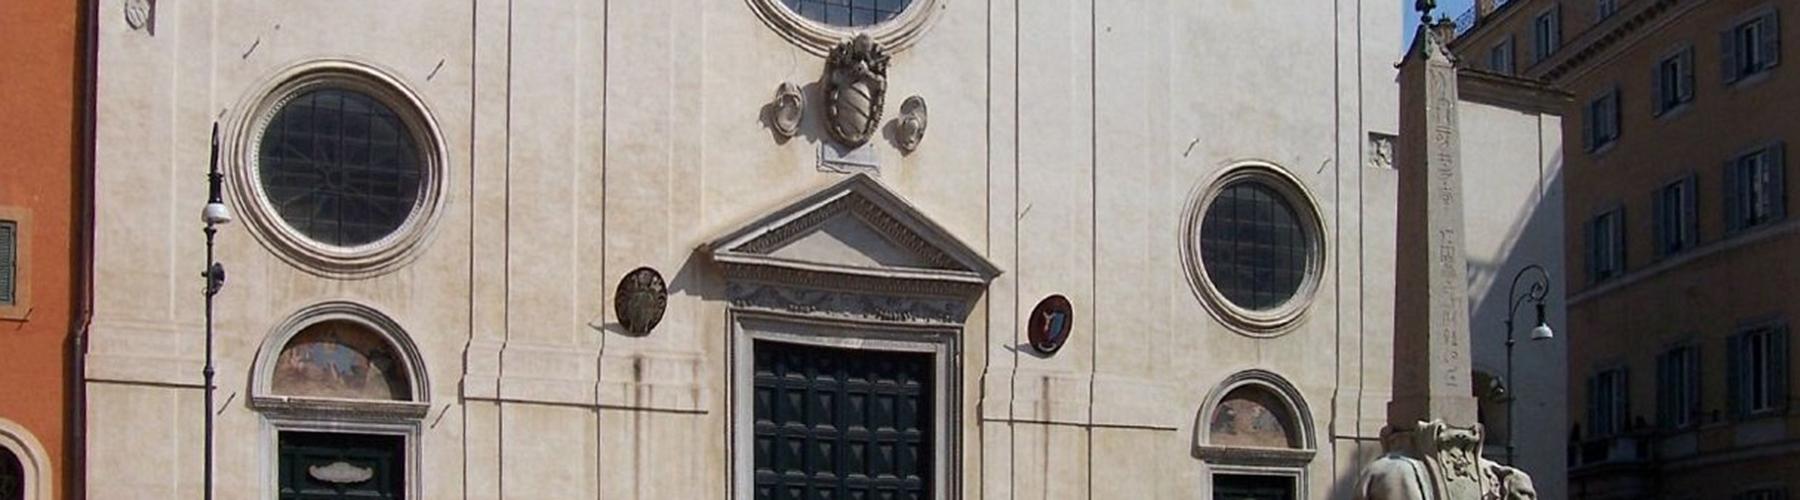 Rooma – Hostellit lähellä Santa Maria Sopra Minerva. Rooma -karttoja, valokuvia ja arvosteluja kaikista Rooma -hostelleista.